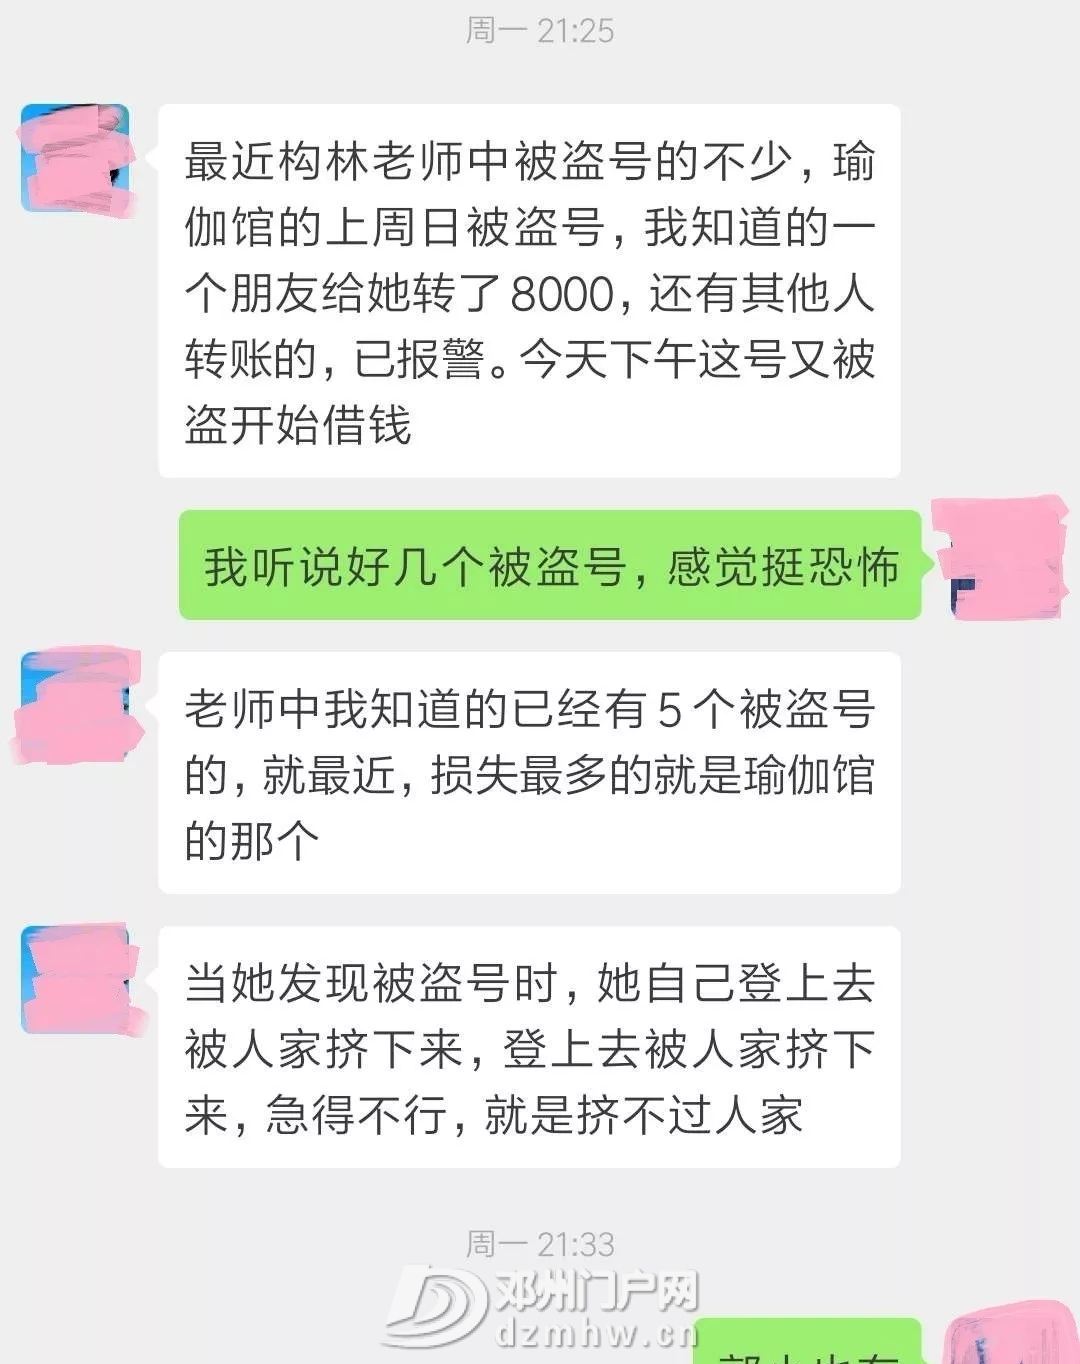 邓州老乡们小心了 - 邓州门户网|邓州网 - 640.webp14_WPS图片.jpg